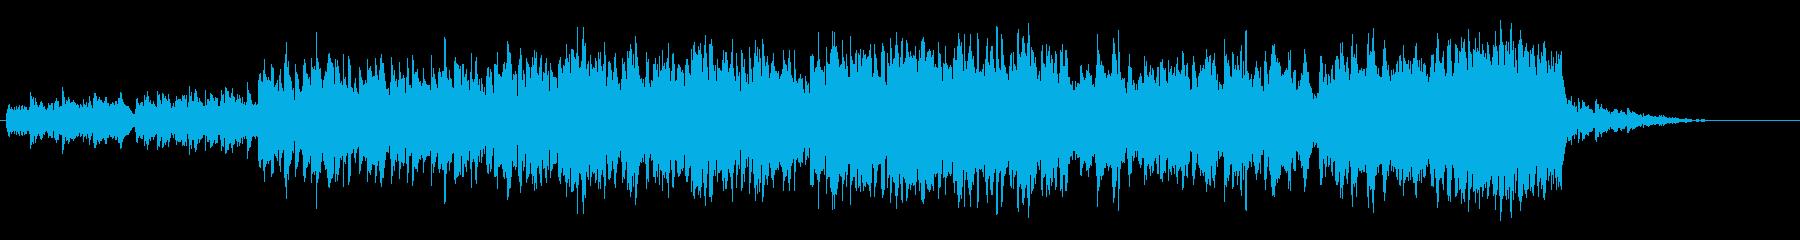 ゲームBGM_草原のような楽曲【ループ】の再生済みの波形